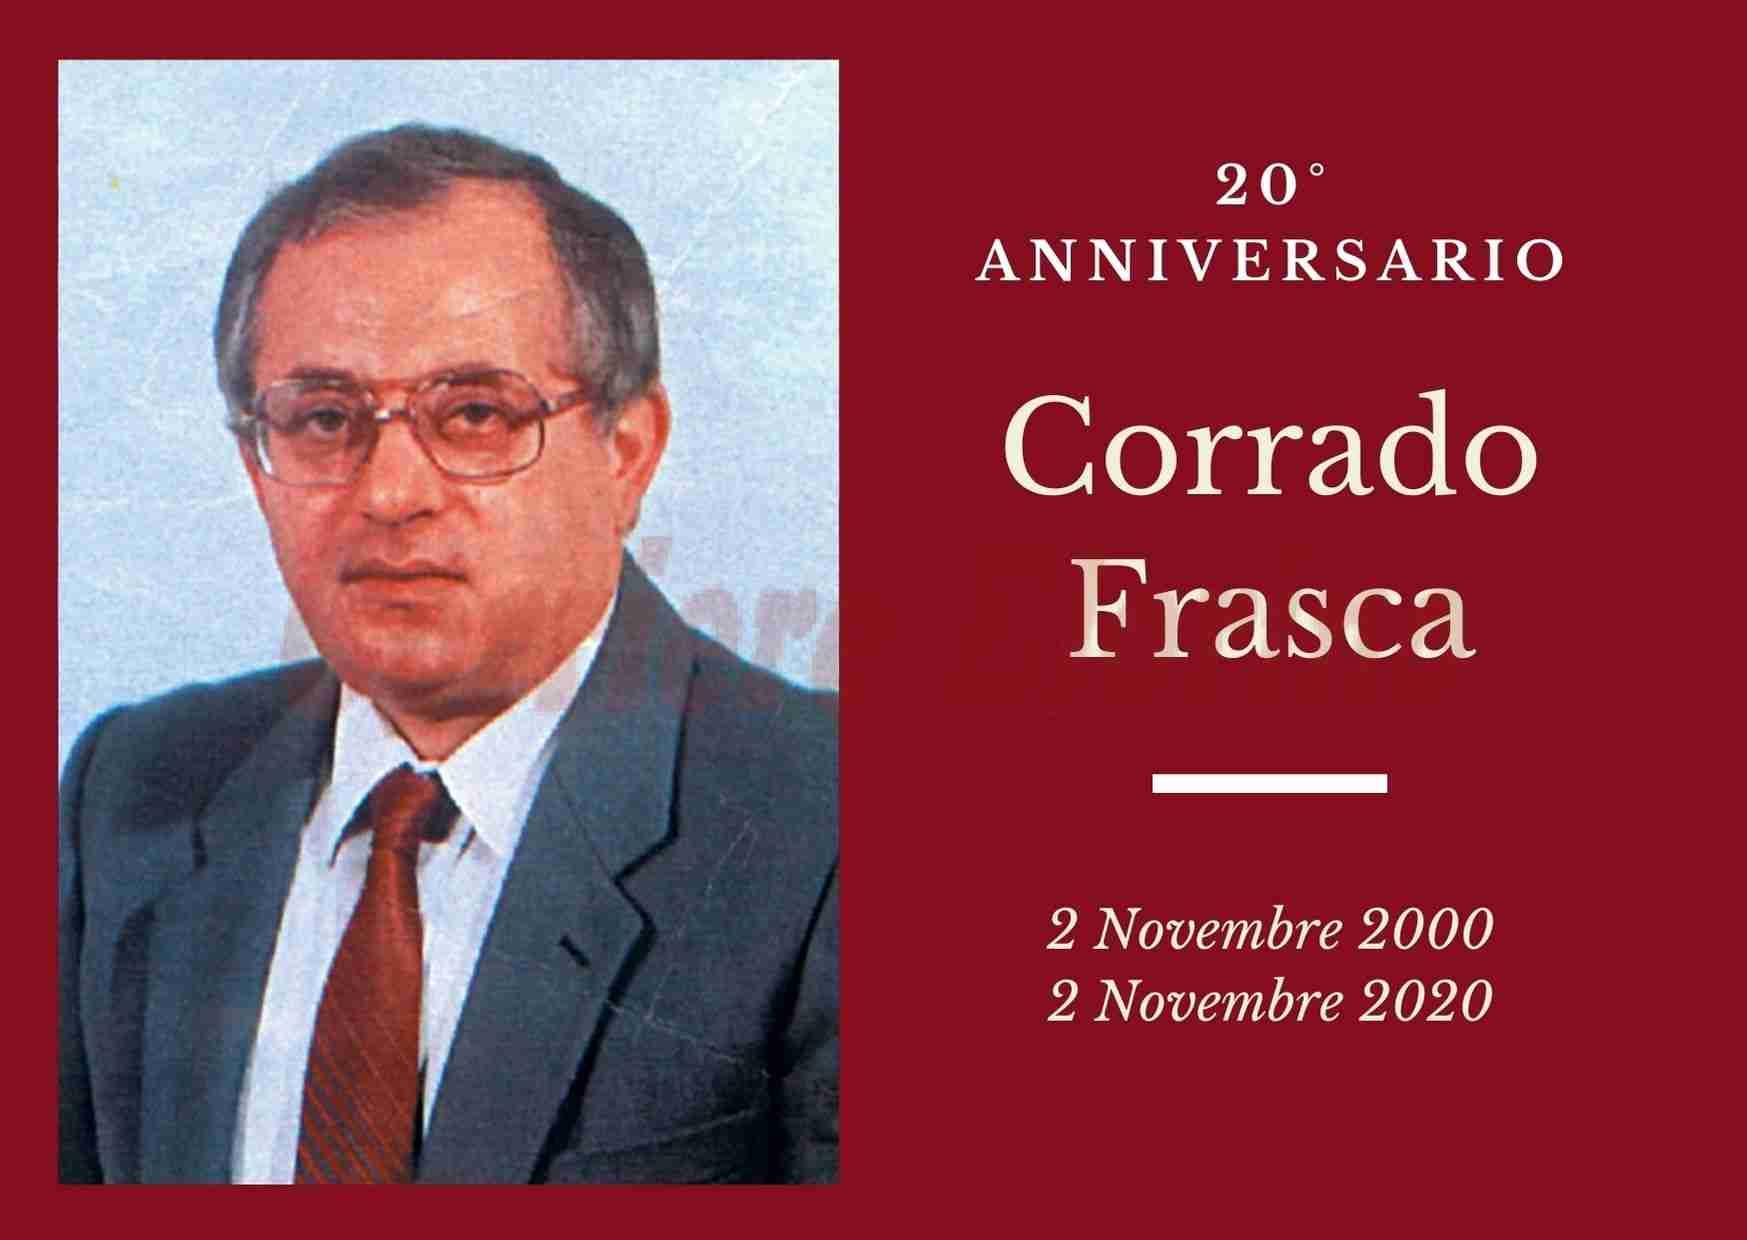 Necrologio: ricorre oggi il 20° anniversario di Corrado Frasca